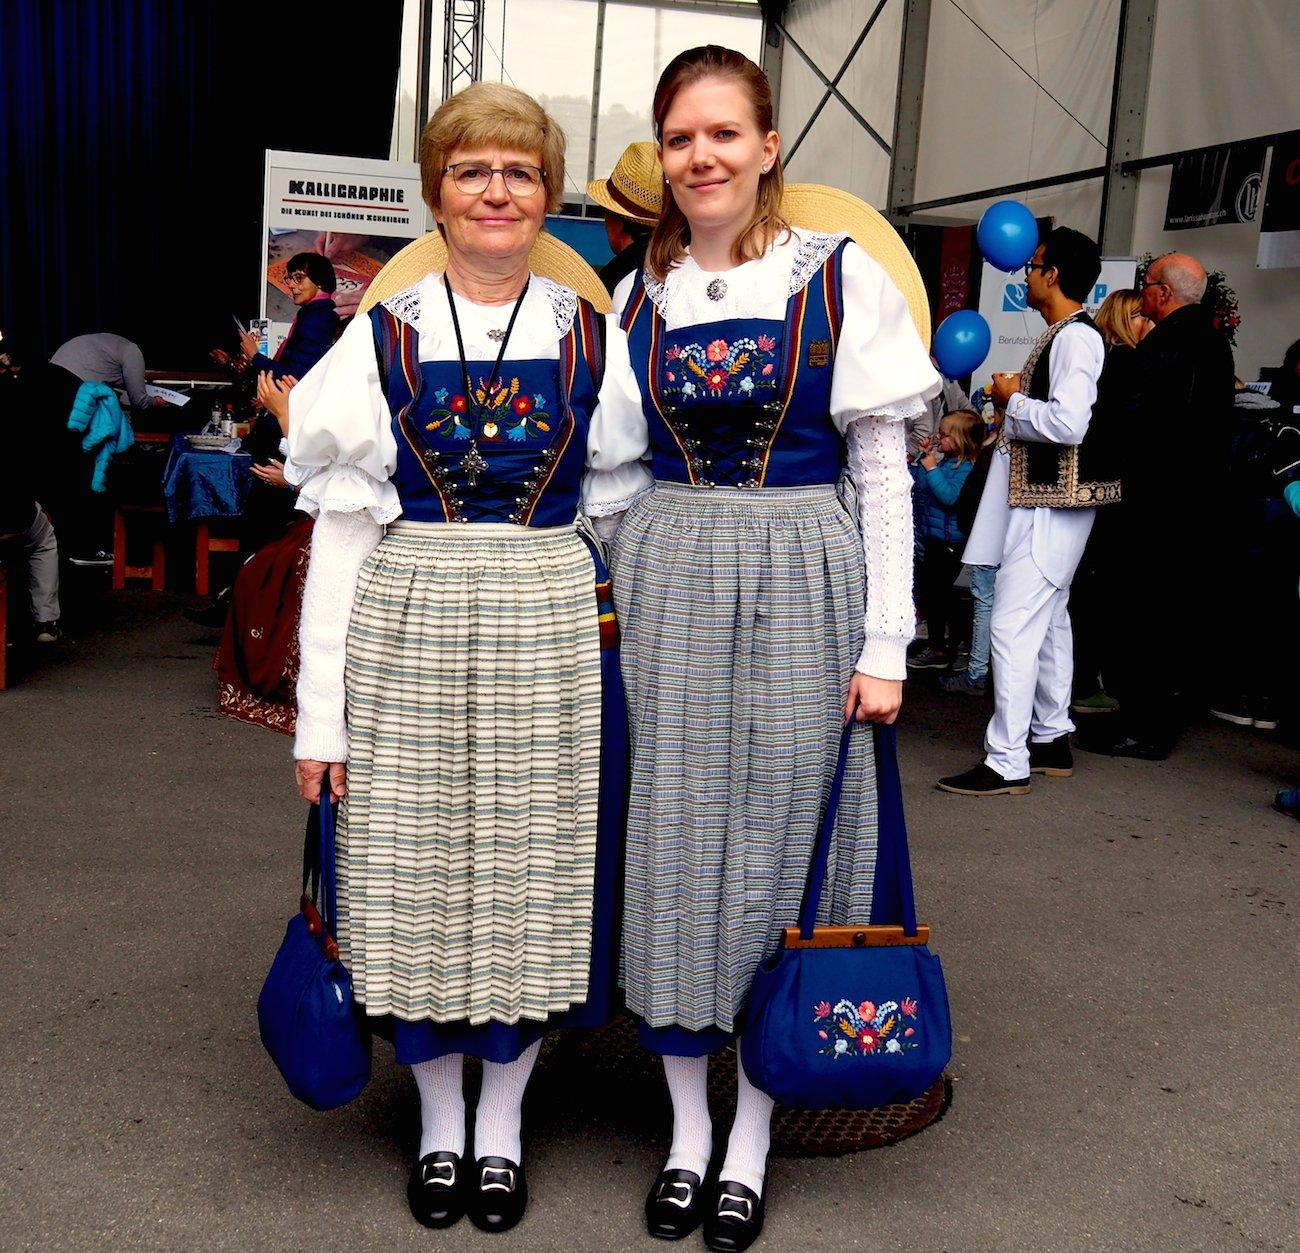 Mutter und Tochter in der Luzerner Sonntagstracht. (Bild: jav)